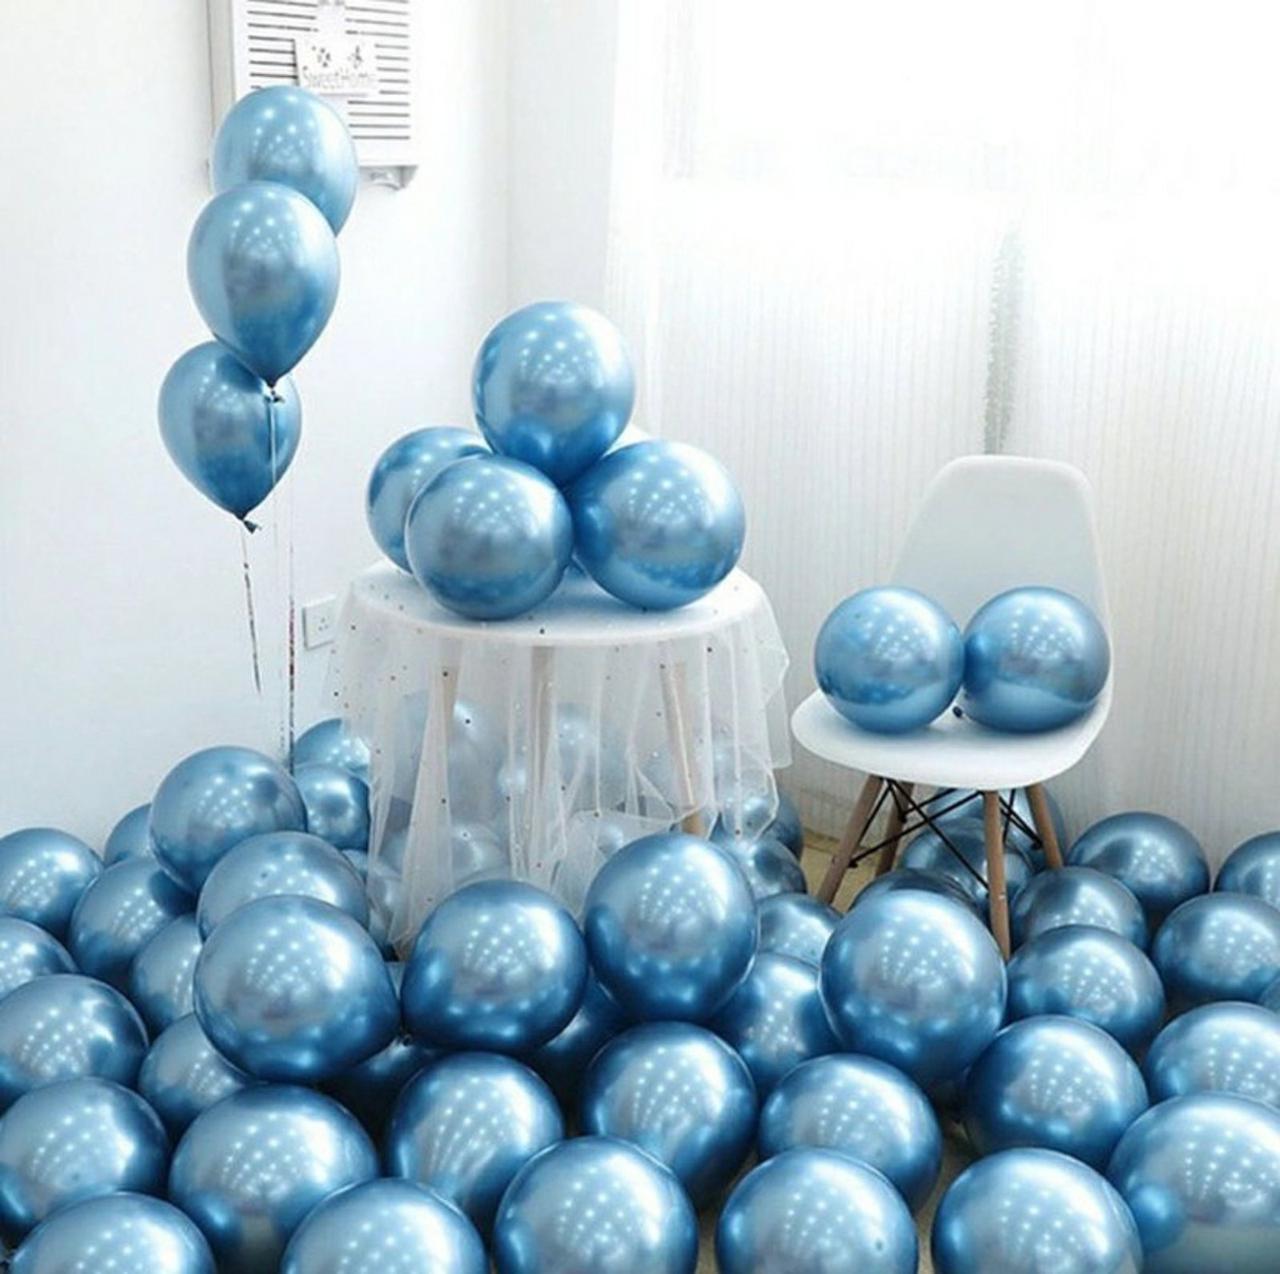 """Куля хром блакитний 1шт повітряний 12"""" 1569. Повітряні надувні кулі хром"""